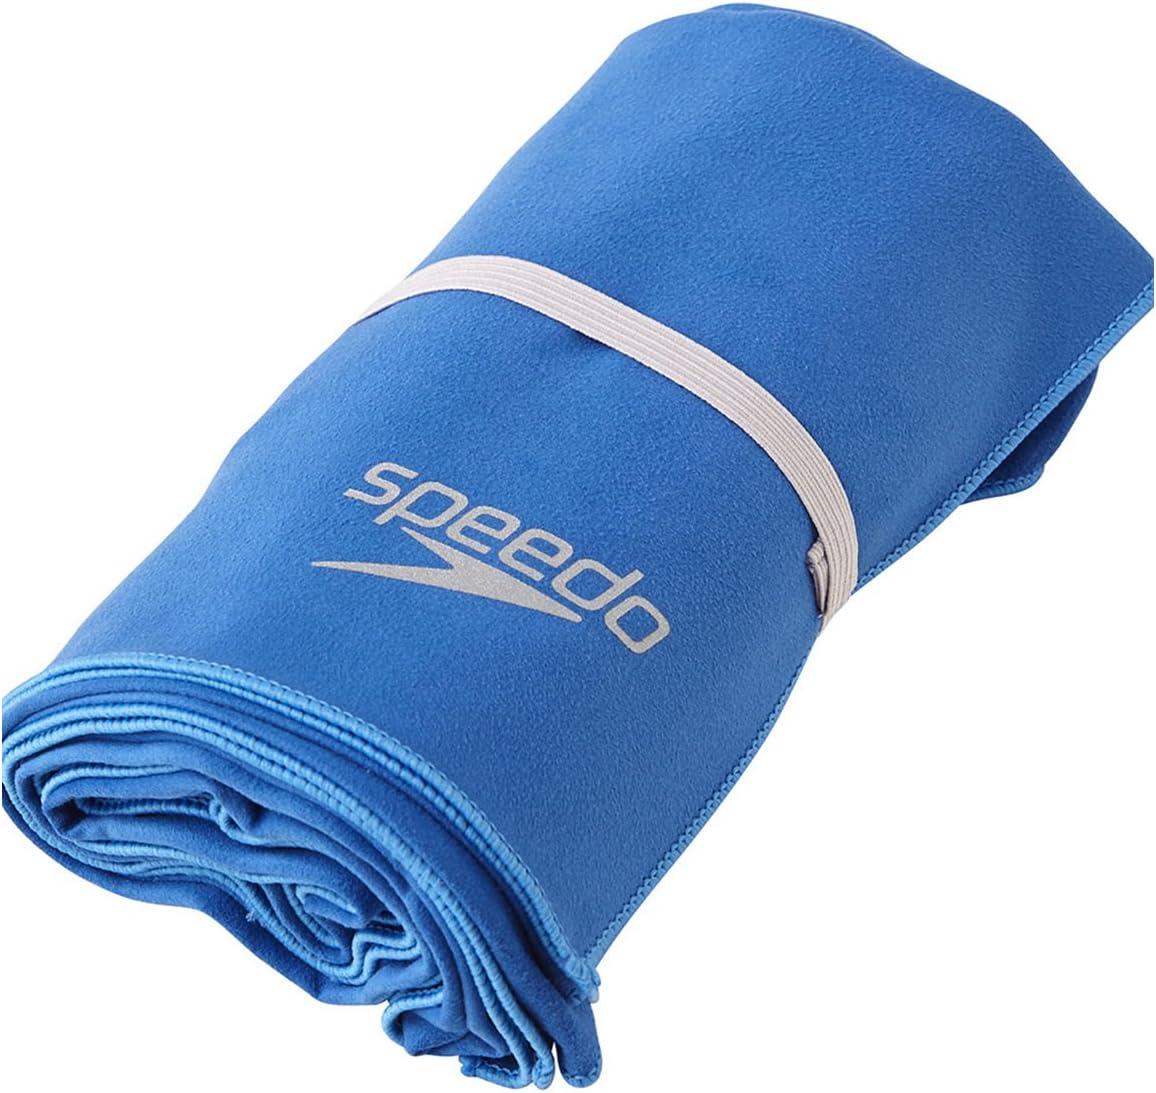 Speedo(スピード) スイムタオル ドライ L 150㎝×80㎝ ループ付き コンパクト収納 SD97T54